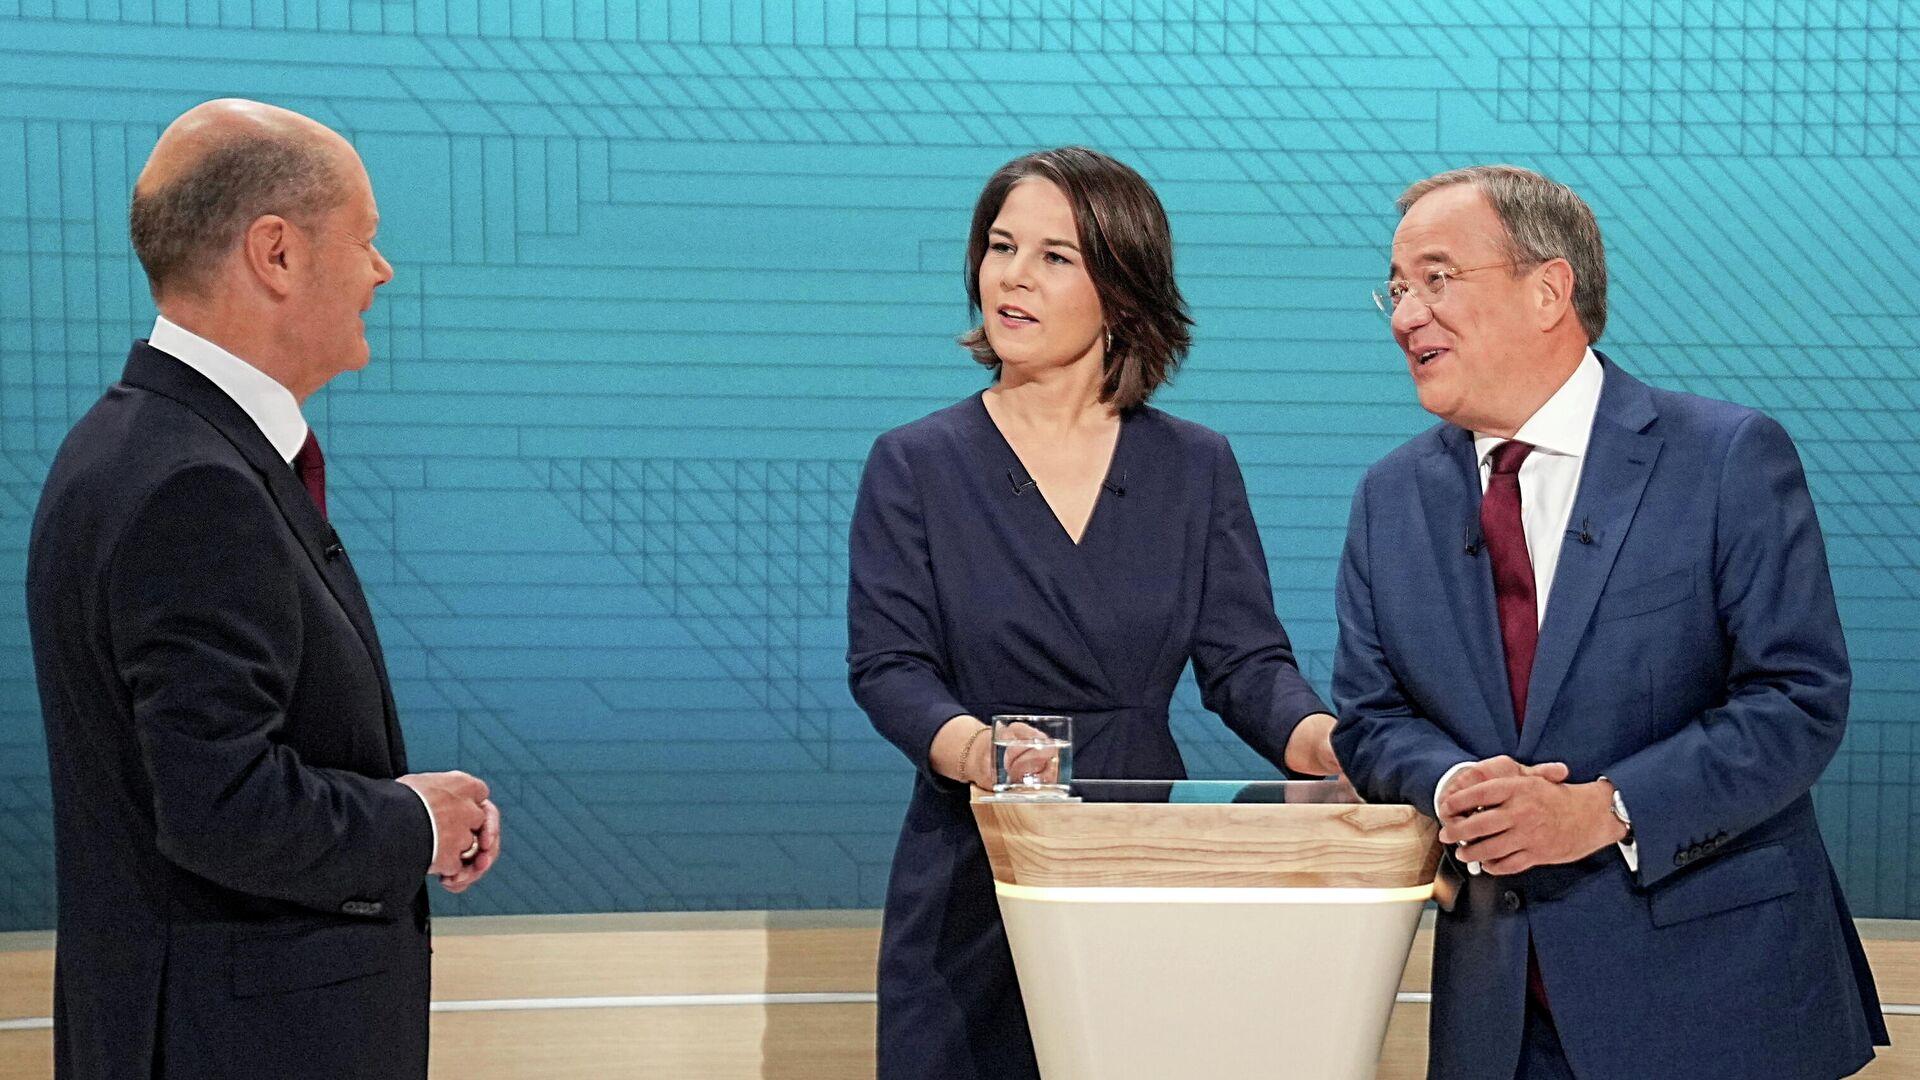 Kanzlerkandidatin Annalena Baerbock (Grüne) und Kanzlerkandidaten Armin Laschet (Union) und Olaf Scholz (SPD) beim Triell, den 12. September. - SNA, 1920, 18.09.2021